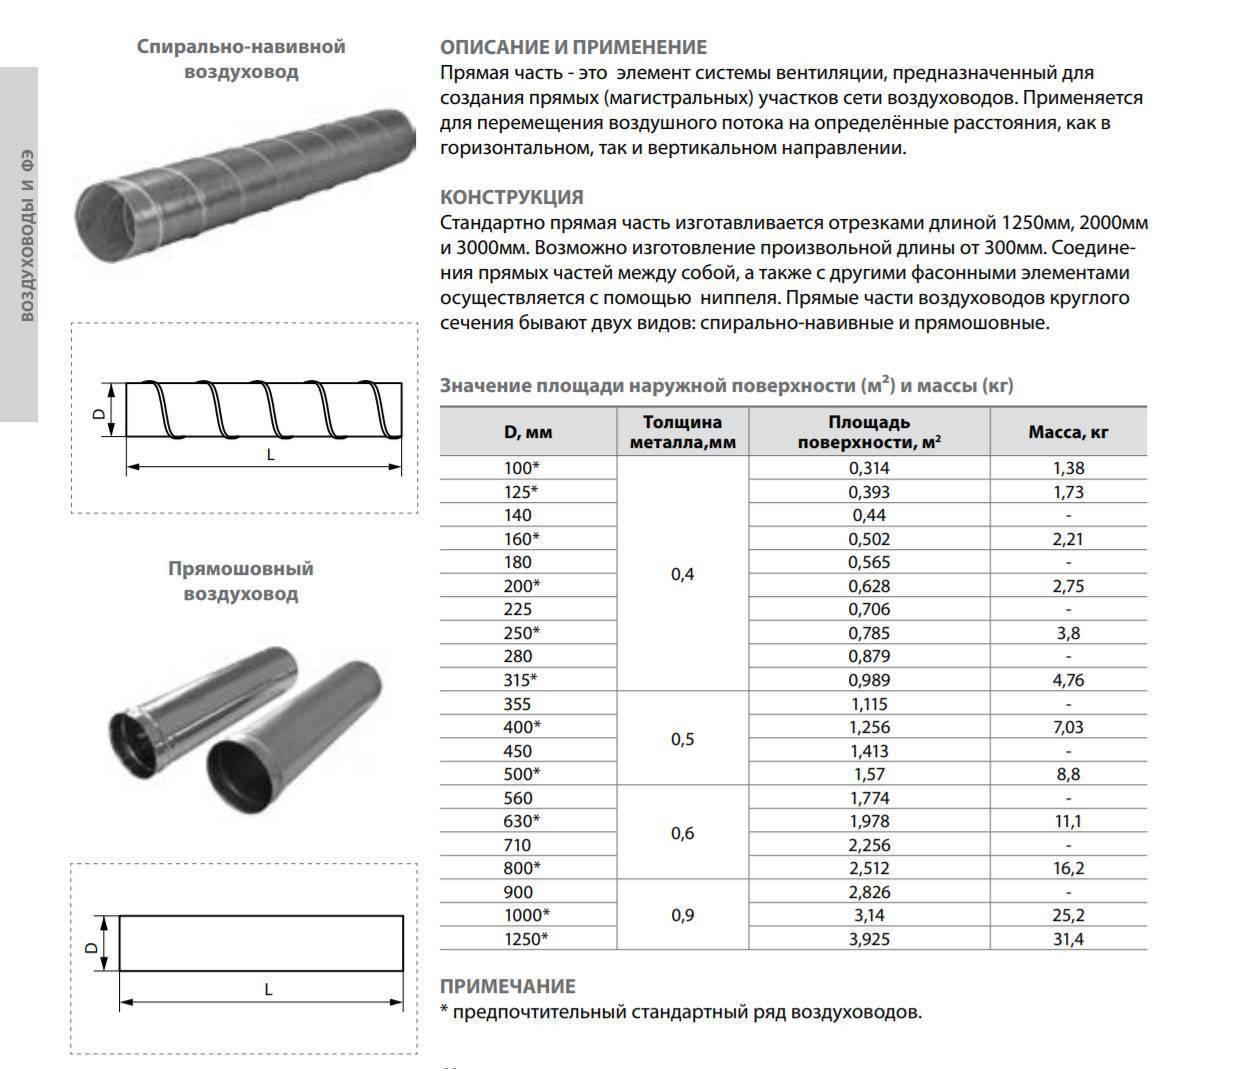 Воздуховоды из нержавеющей стали: преимущества и применение